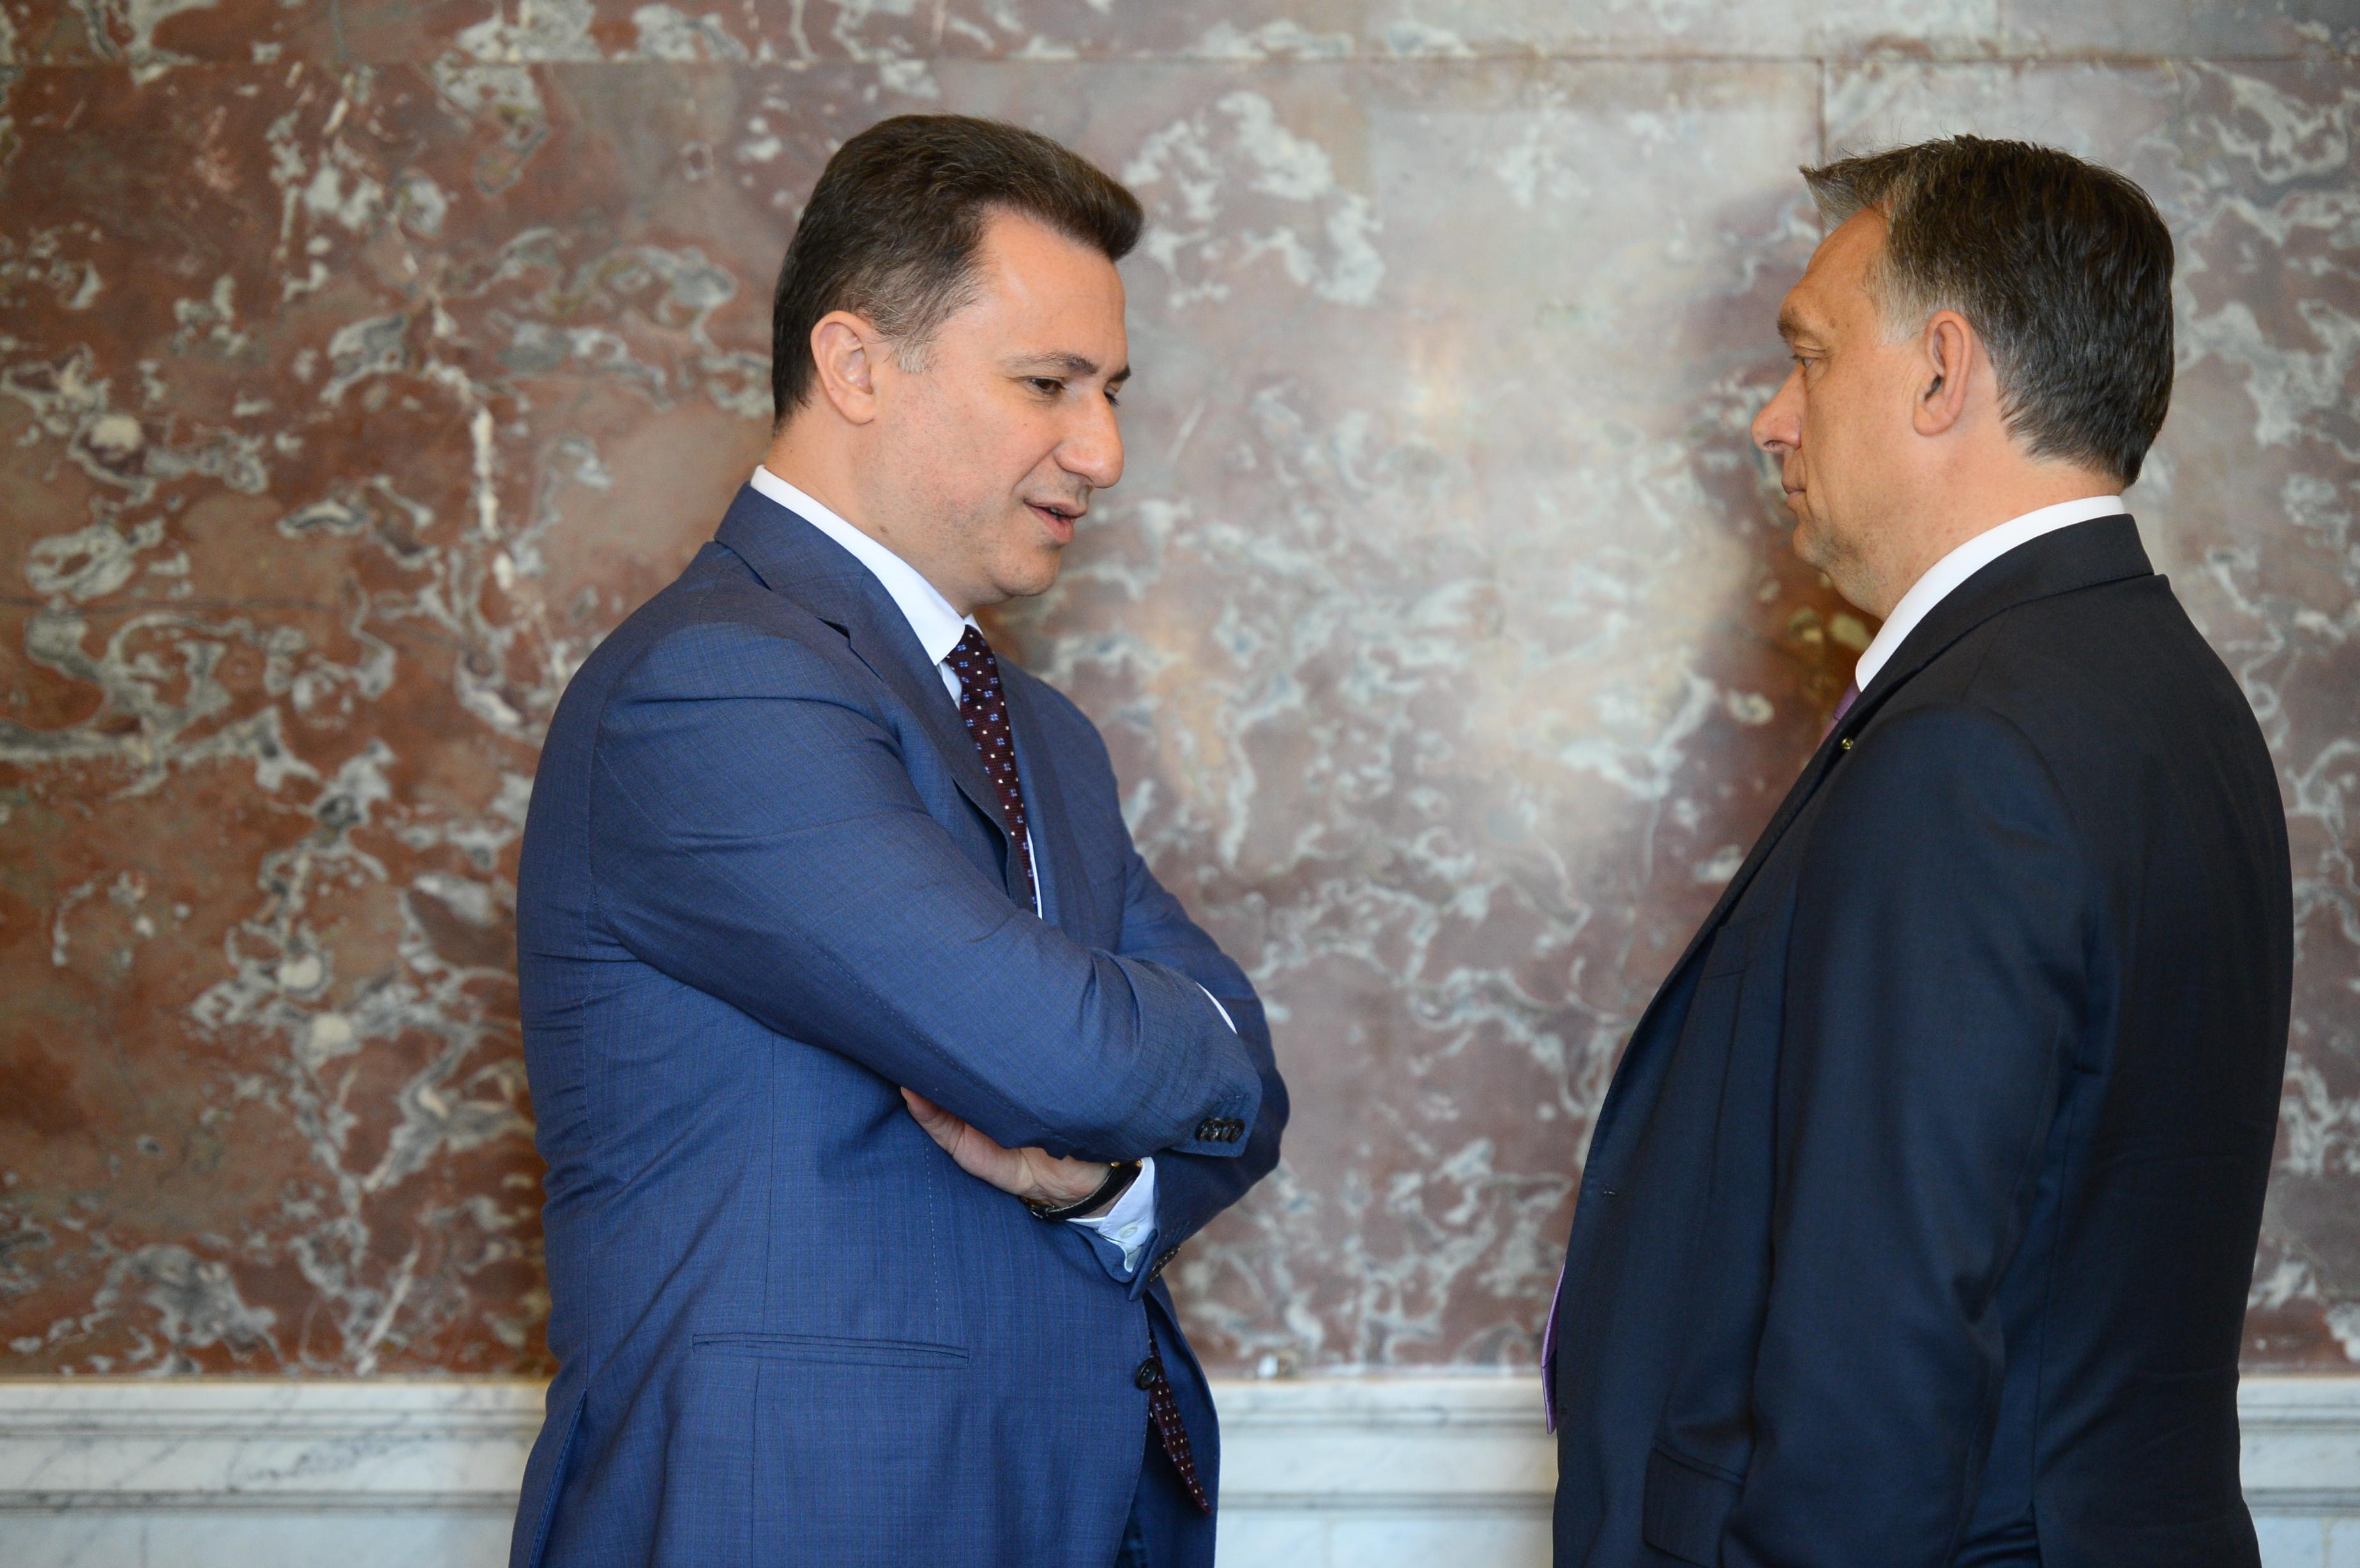 Itt a külügy friss nyilatkozata a titkos találkáról Gruevszkivel